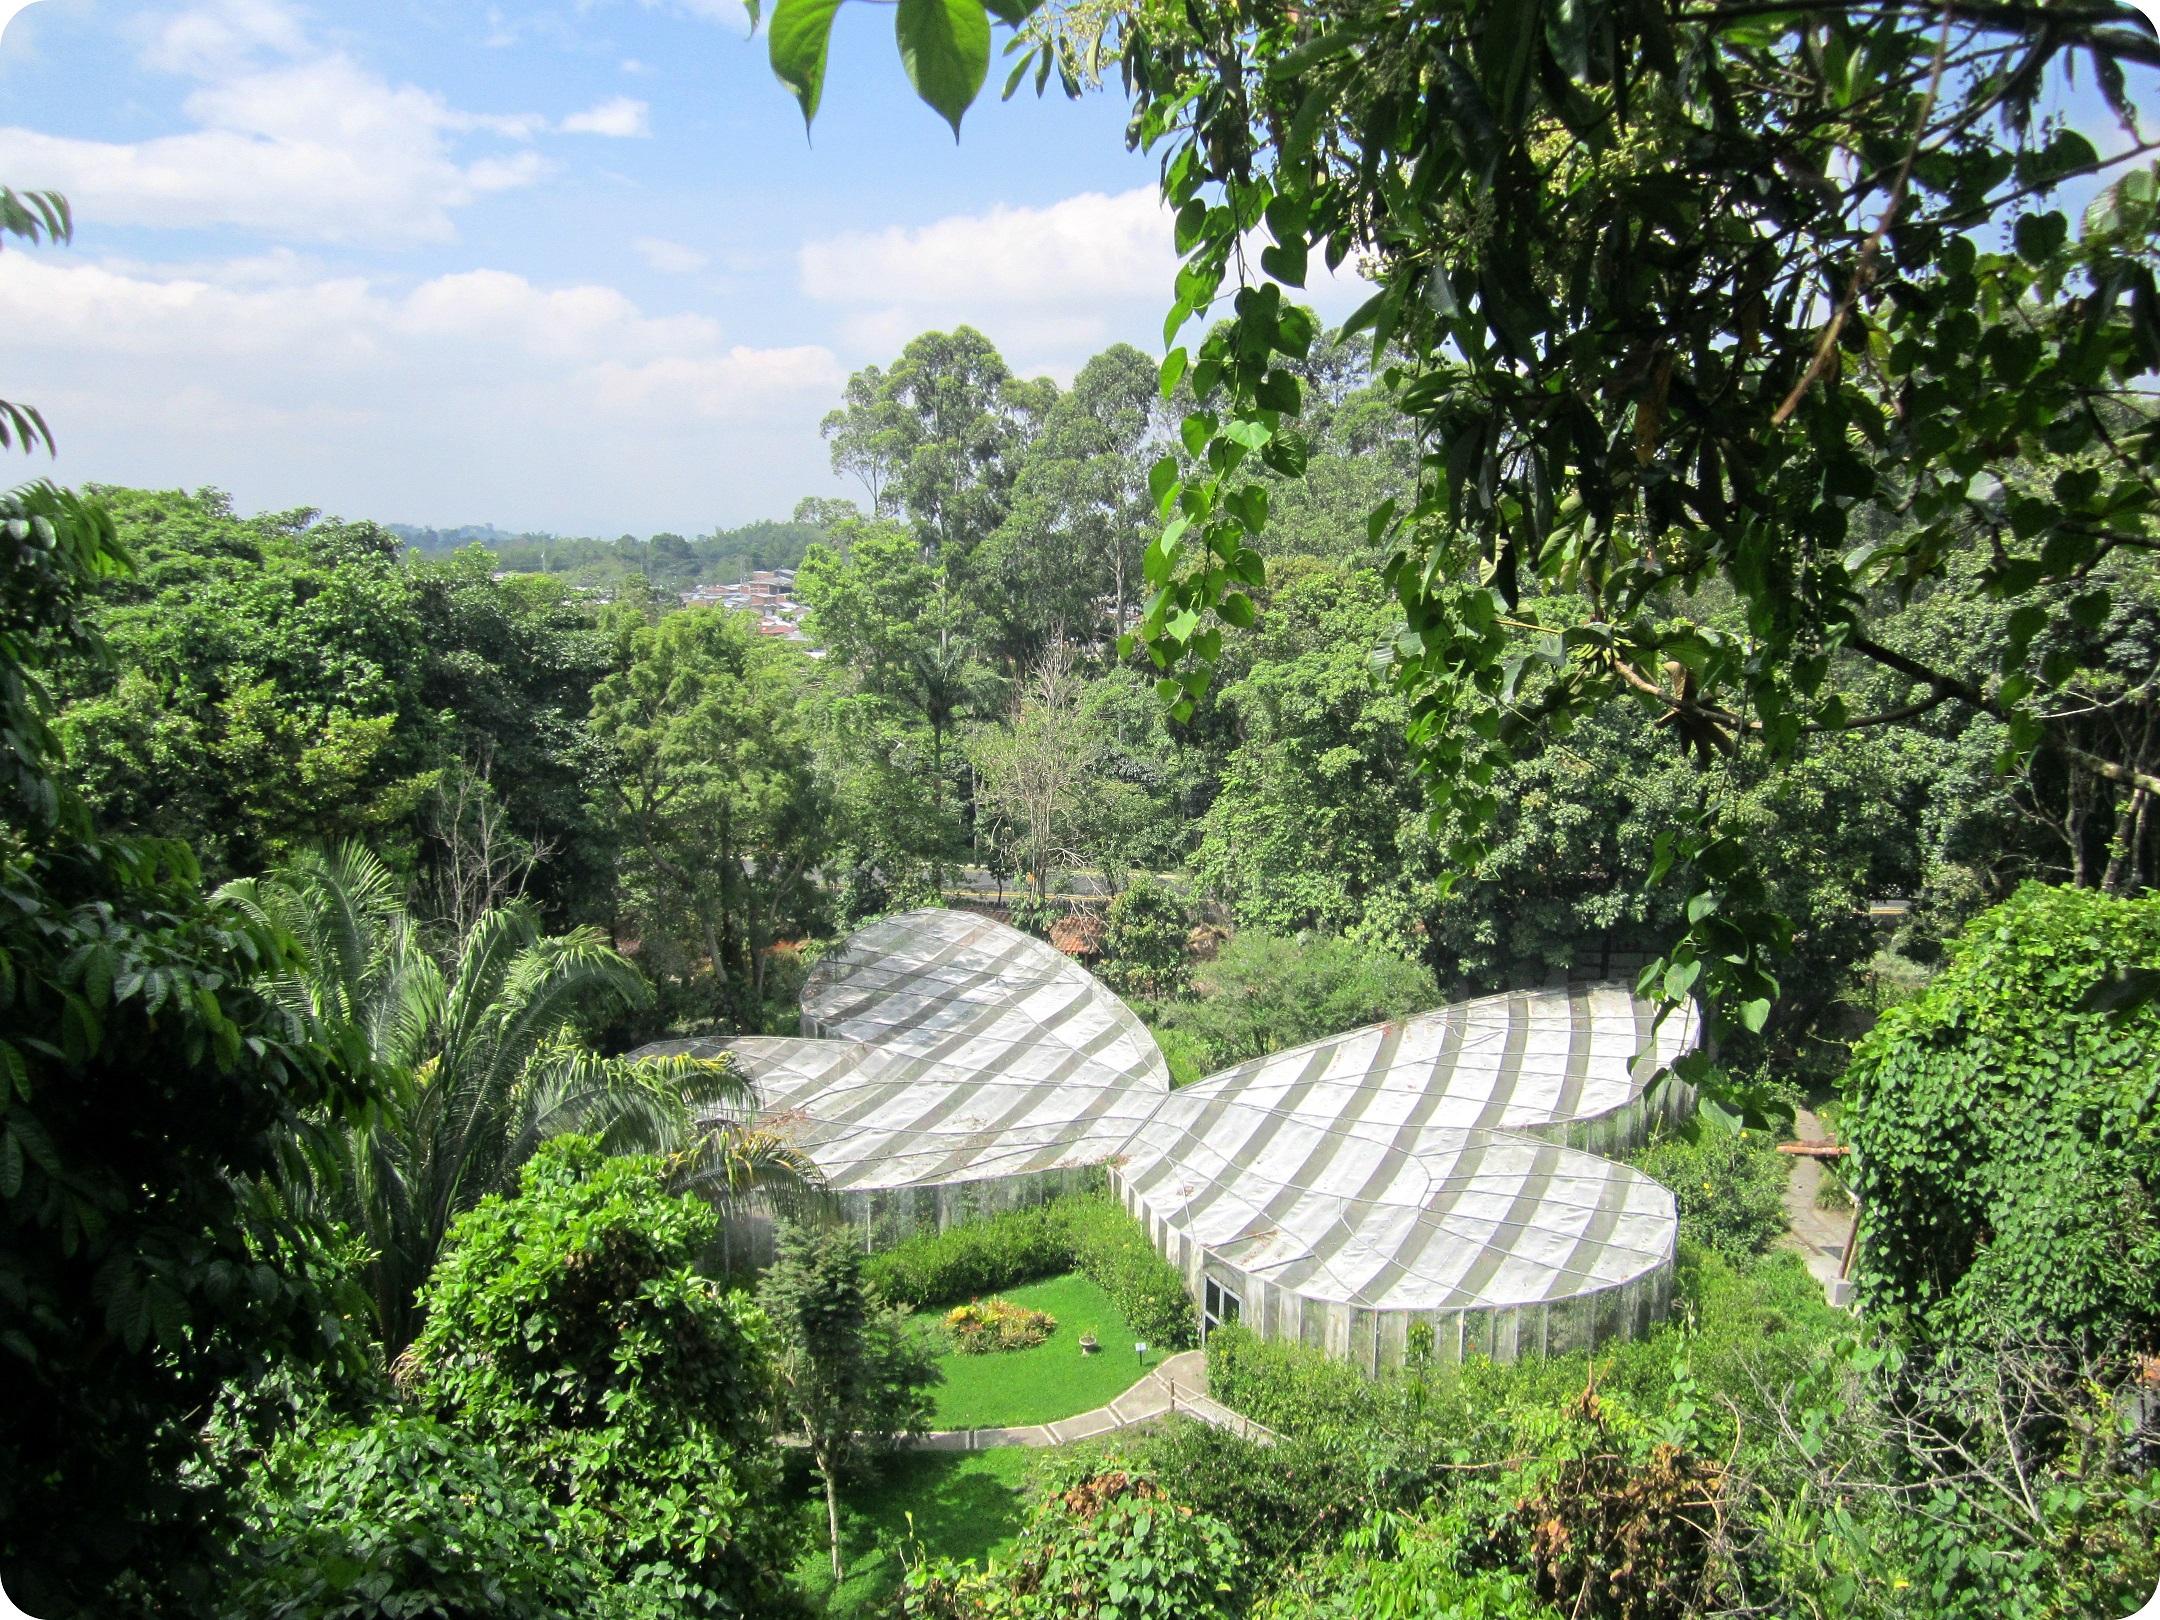 Vista sobre el Mariposario en forma de mariposa en el jardín botánico del Quindío en Calarcá